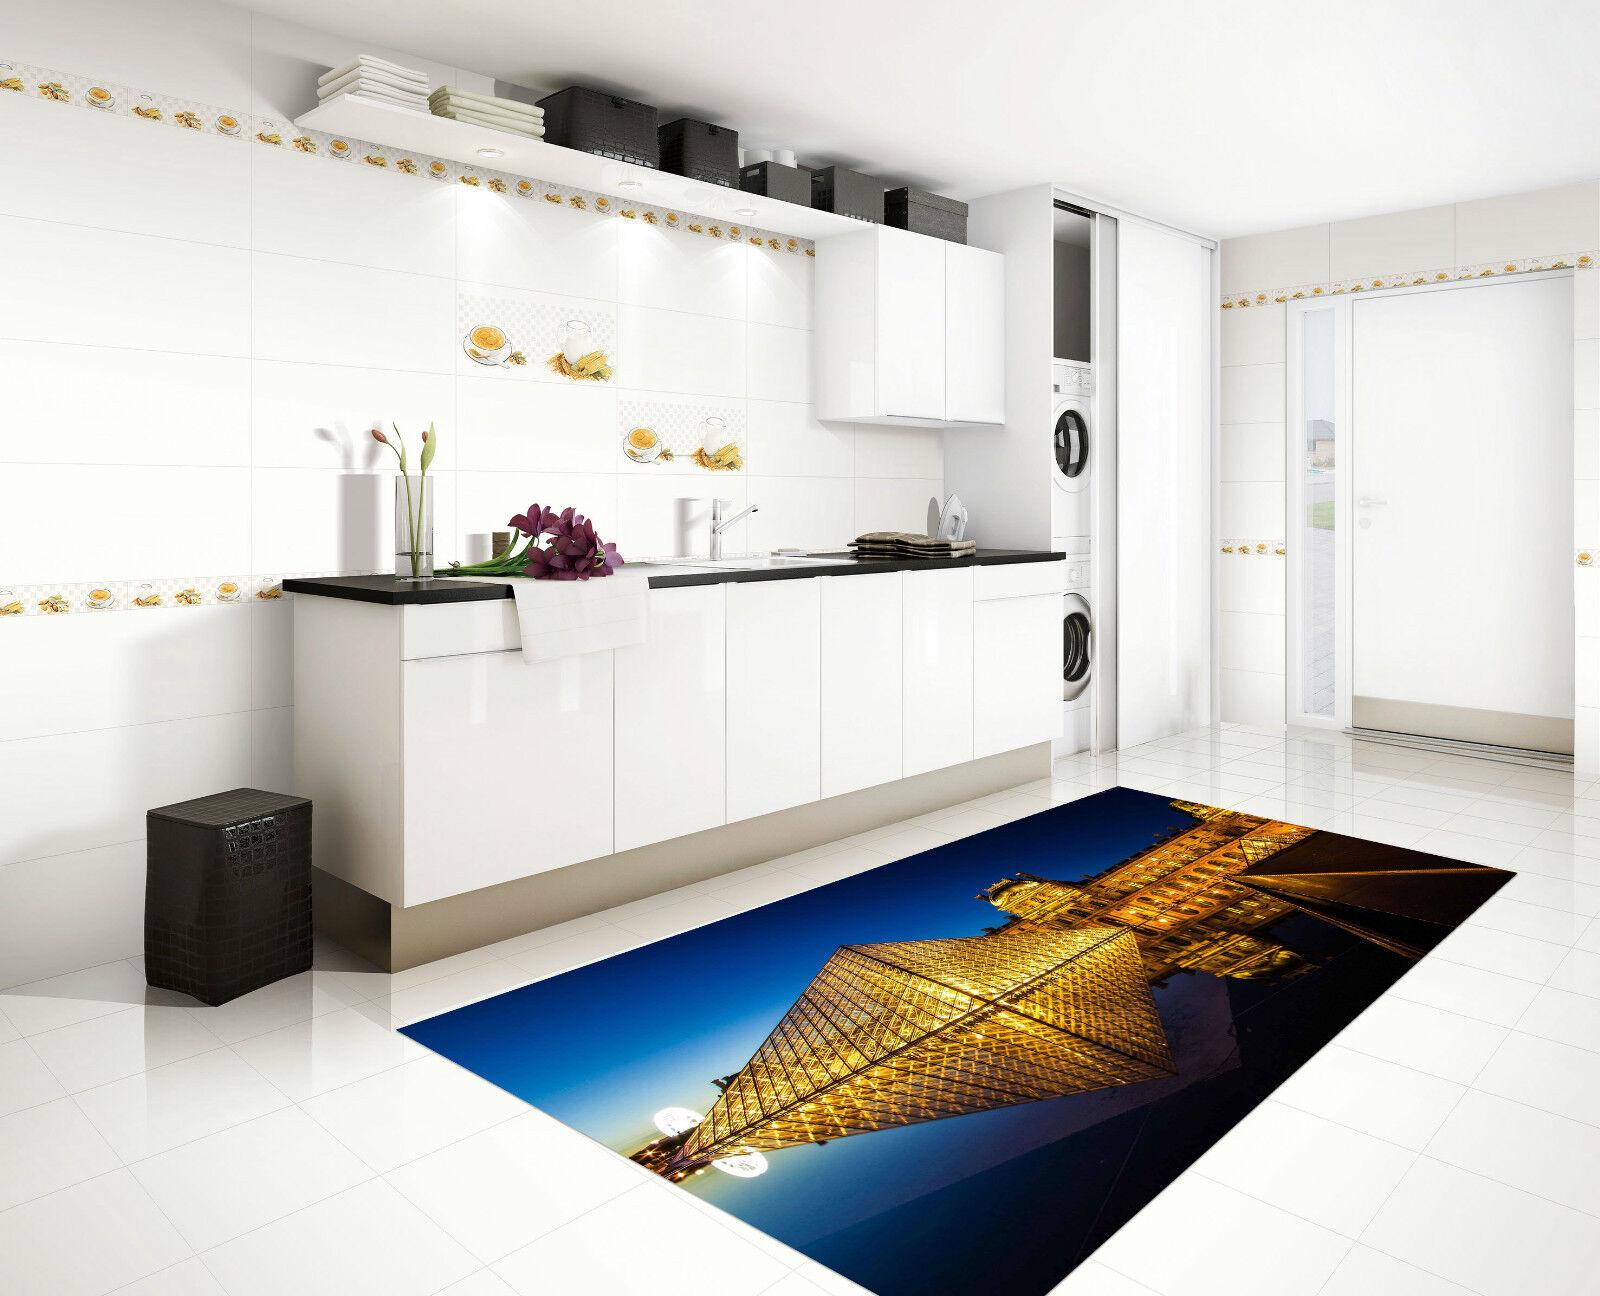 3D Bright Louvre Kitchen Mat Floor Murals Wall Print Wall Deco AJ WALLPAPER CA